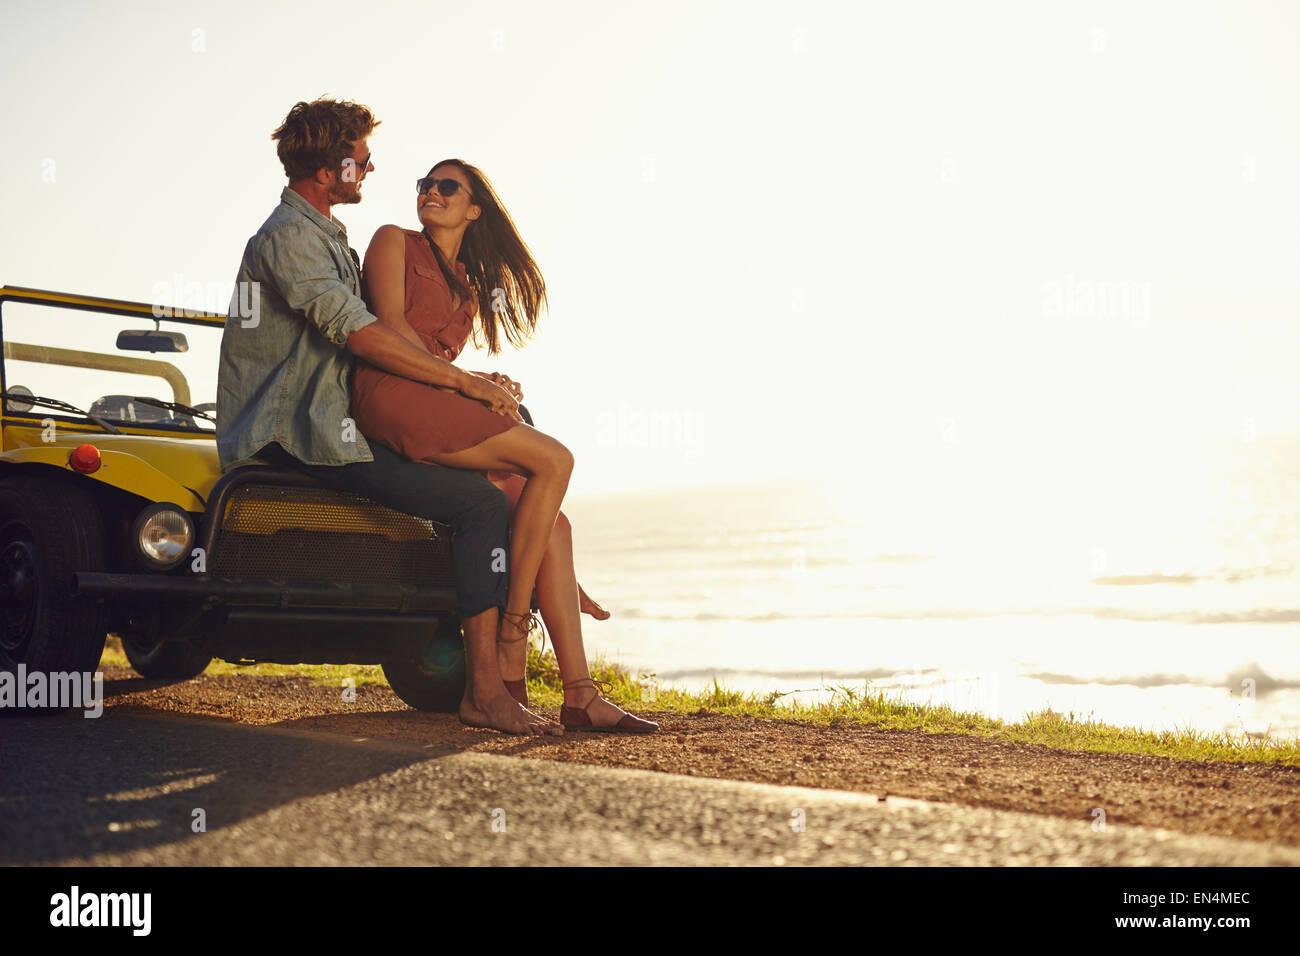 Jeune couple se regarder dans les yeux. Couple assis sur le capot de leur voiture profitant de l'instant. Photo Stock